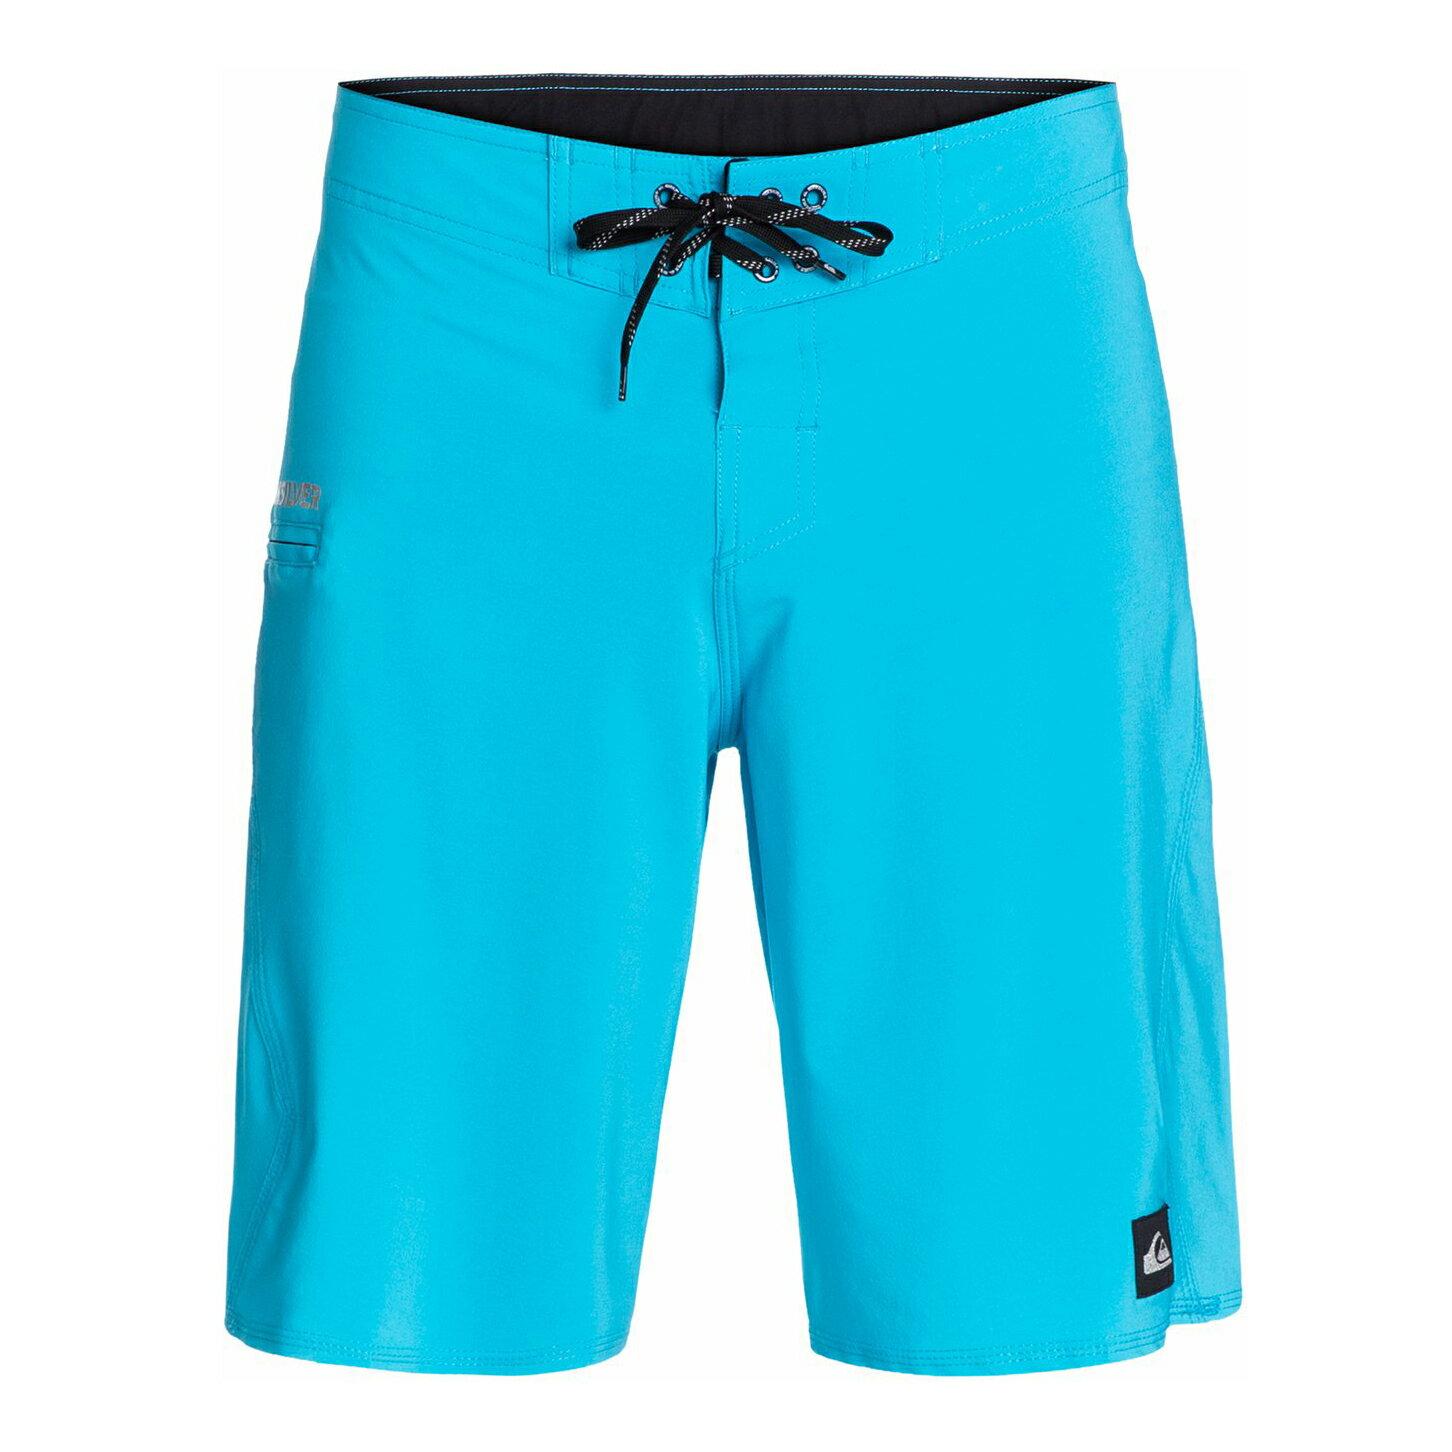 美國百分百【全新真品】Quiksilver 海灘褲 男 短褲 泳褲 沙灘褲 衝浪褲 美式 復古 口袋 藍色 E992